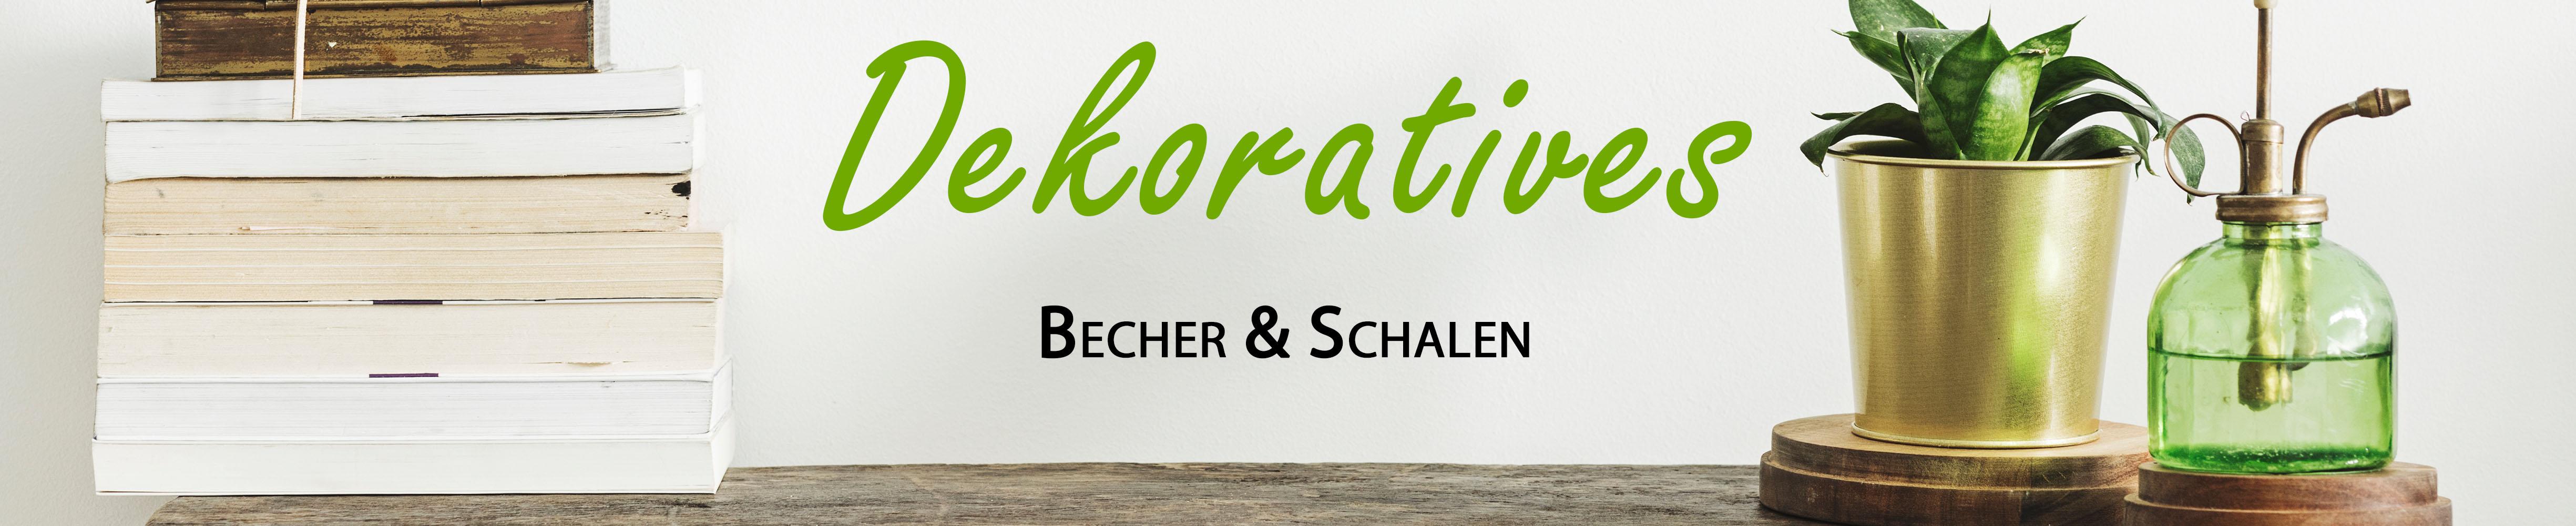 Kategorie: Becher & Schalen